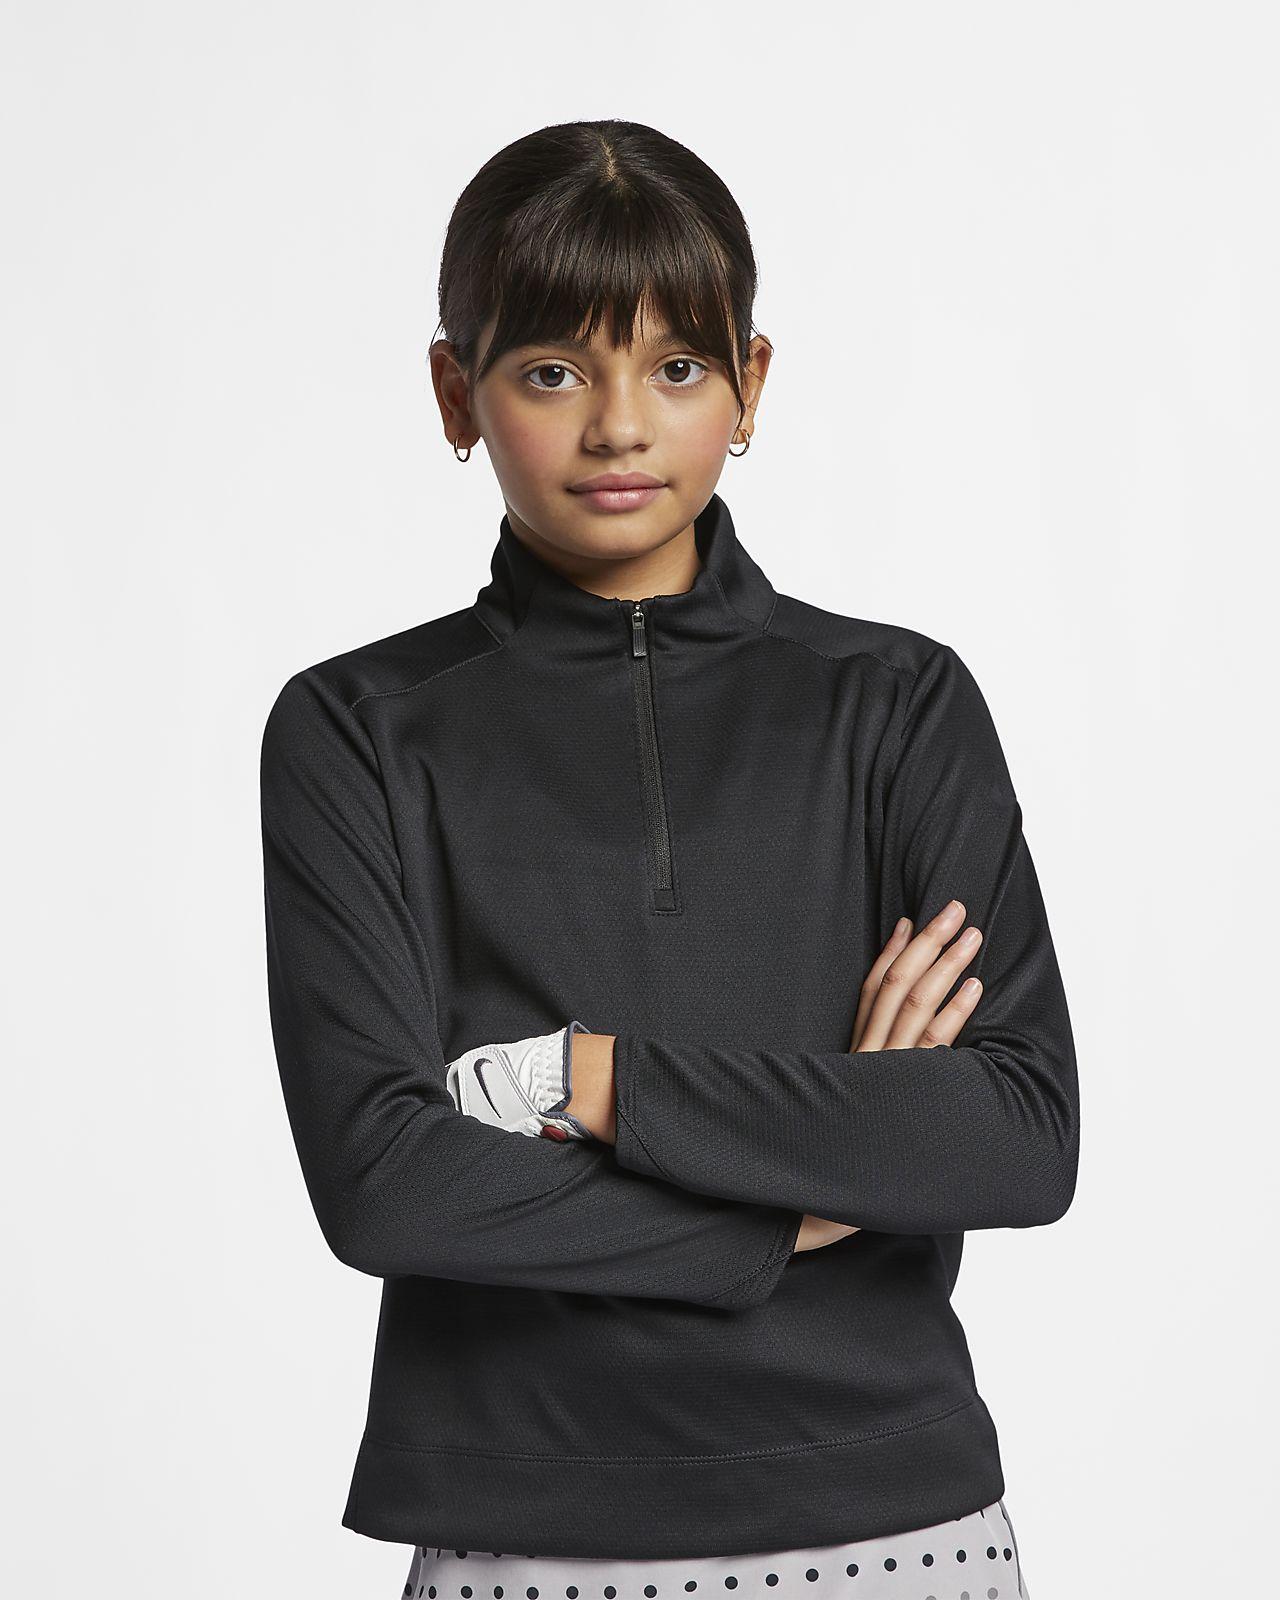 Nike Dri-FIT Langarm-Golfoberteil mit Viertelreißverschluss für ältere Kinder (Mädchen)